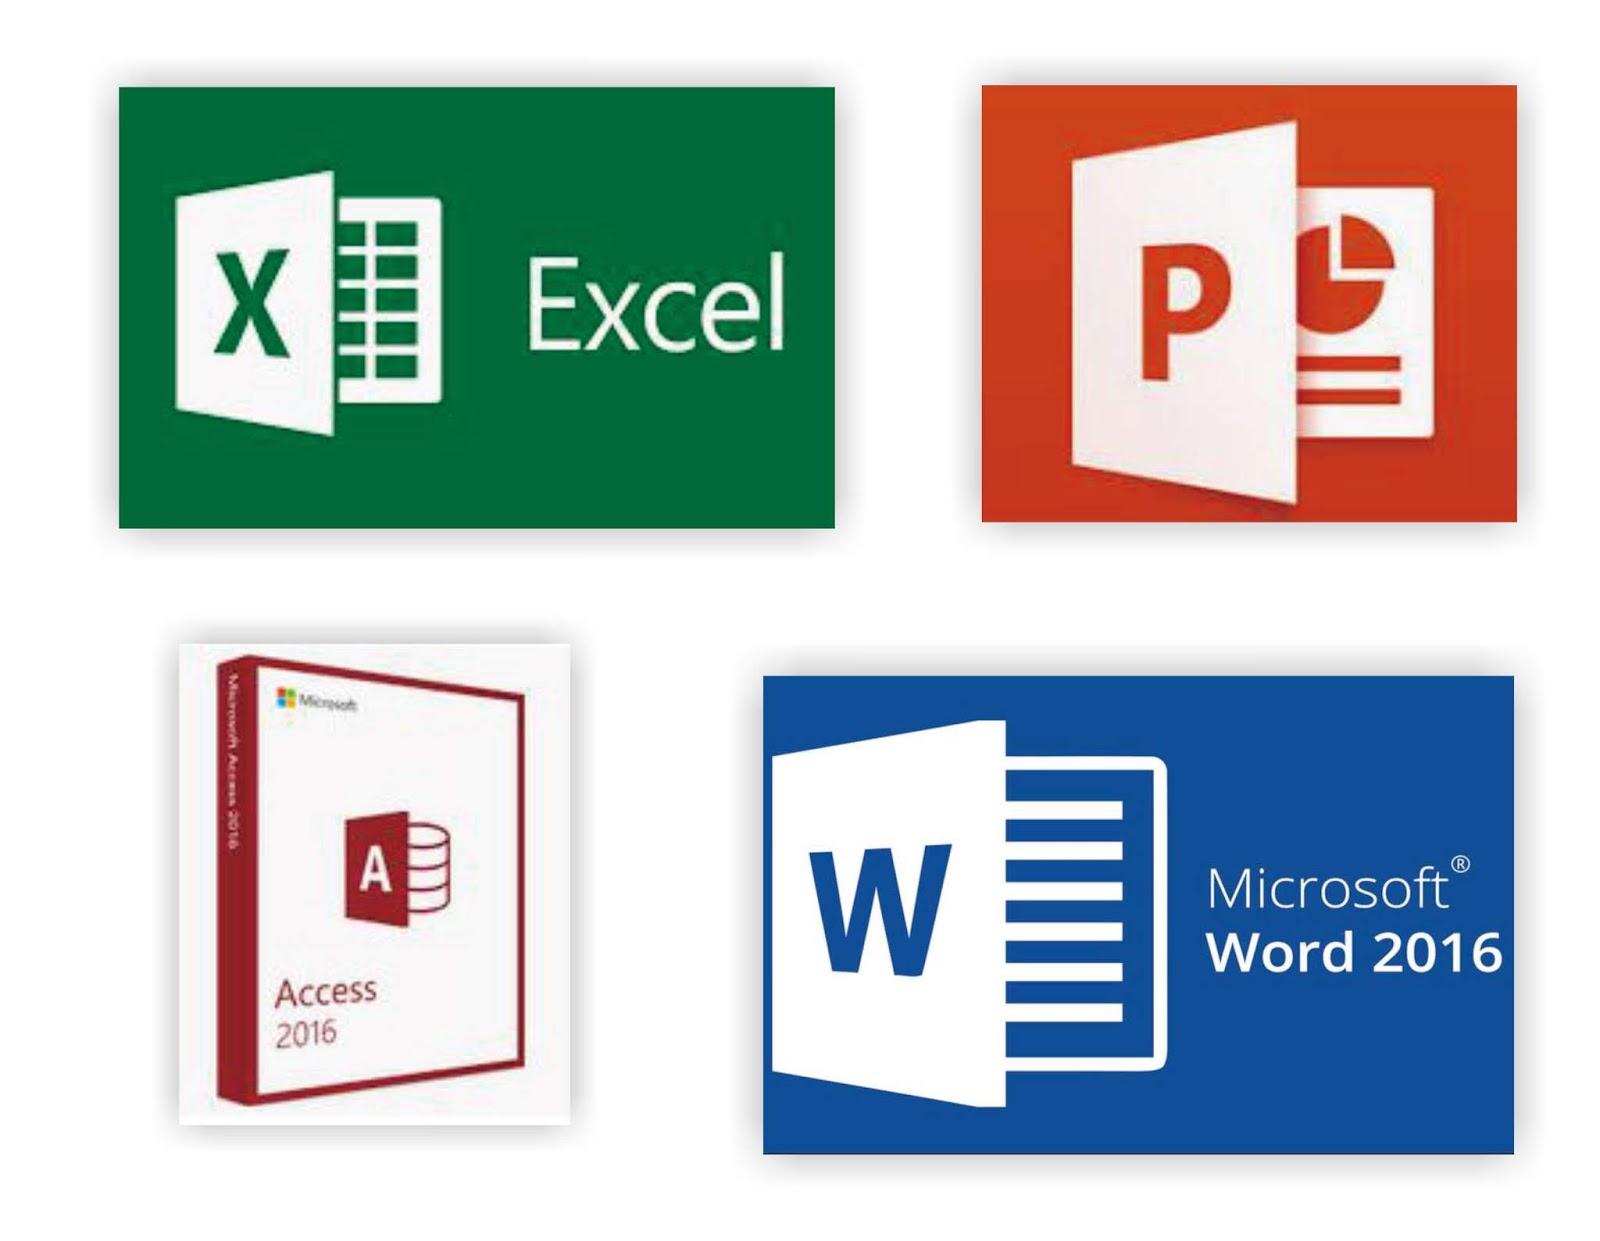 Kelebihan Microsoft Word 2013 Dibanding 2007 Dan 2010 Fandi Media